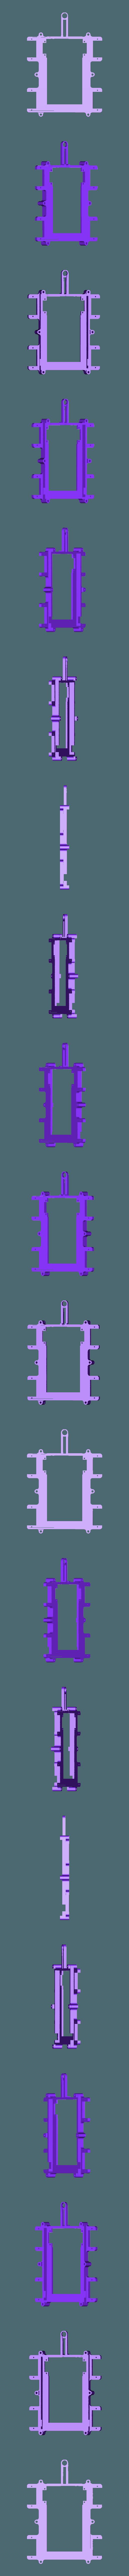 body_u_L_PCA_Neck.stl Télécharger fichier STL gratuit Robot Spider Bug (robot quadrupède, quadrupède)-MG90 • Design pour impression 3D, kasinatorhh